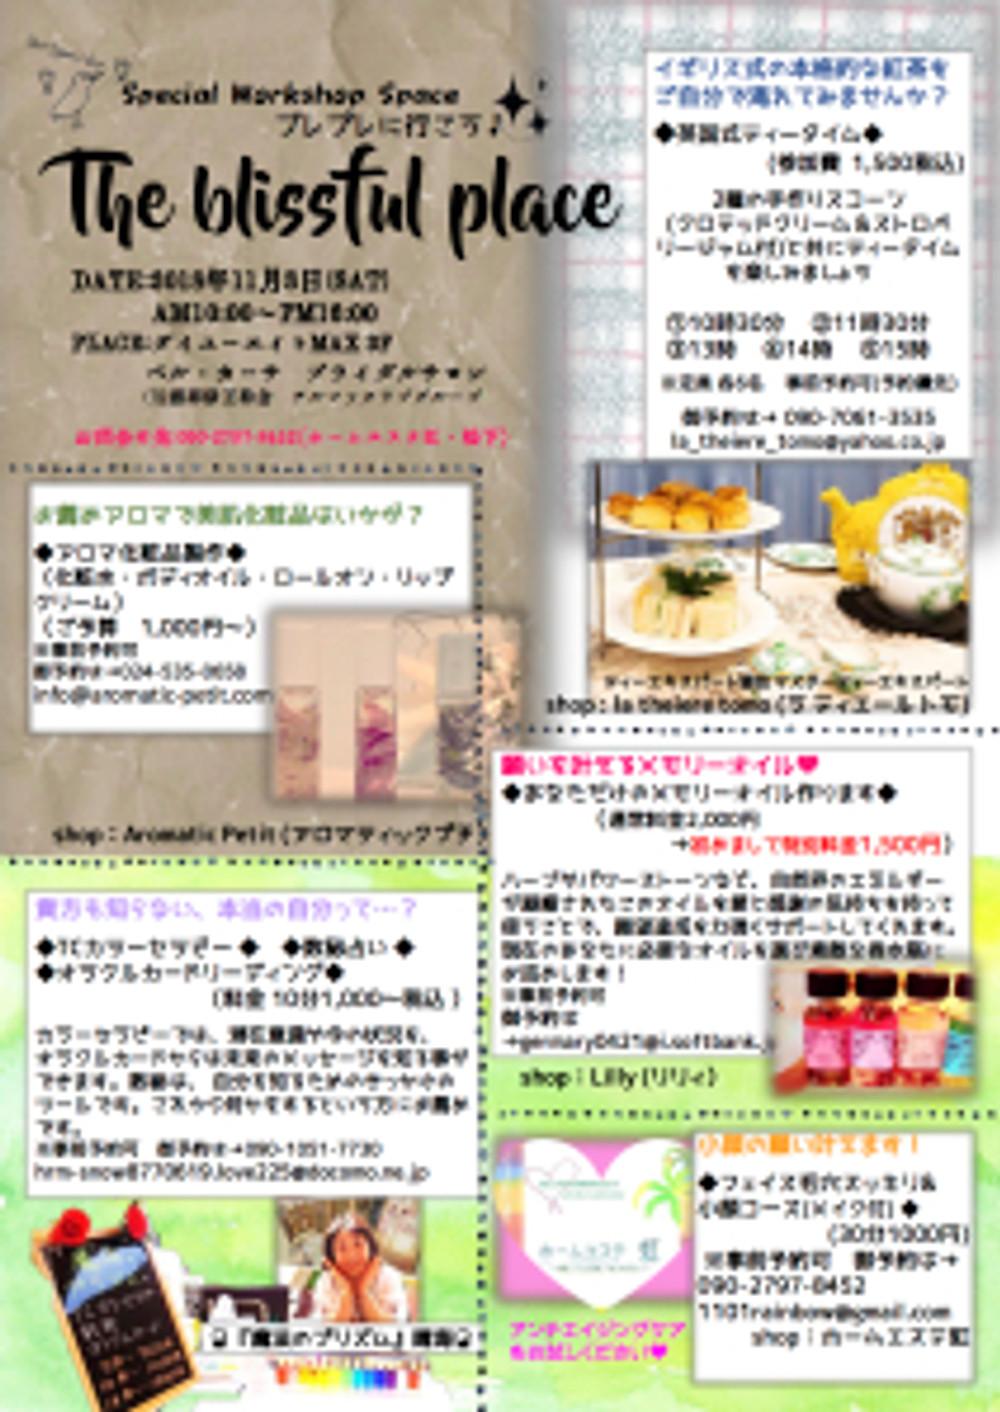 福島市イベント(アロマ、エステ、占い、紅茶、メモリーオイル)